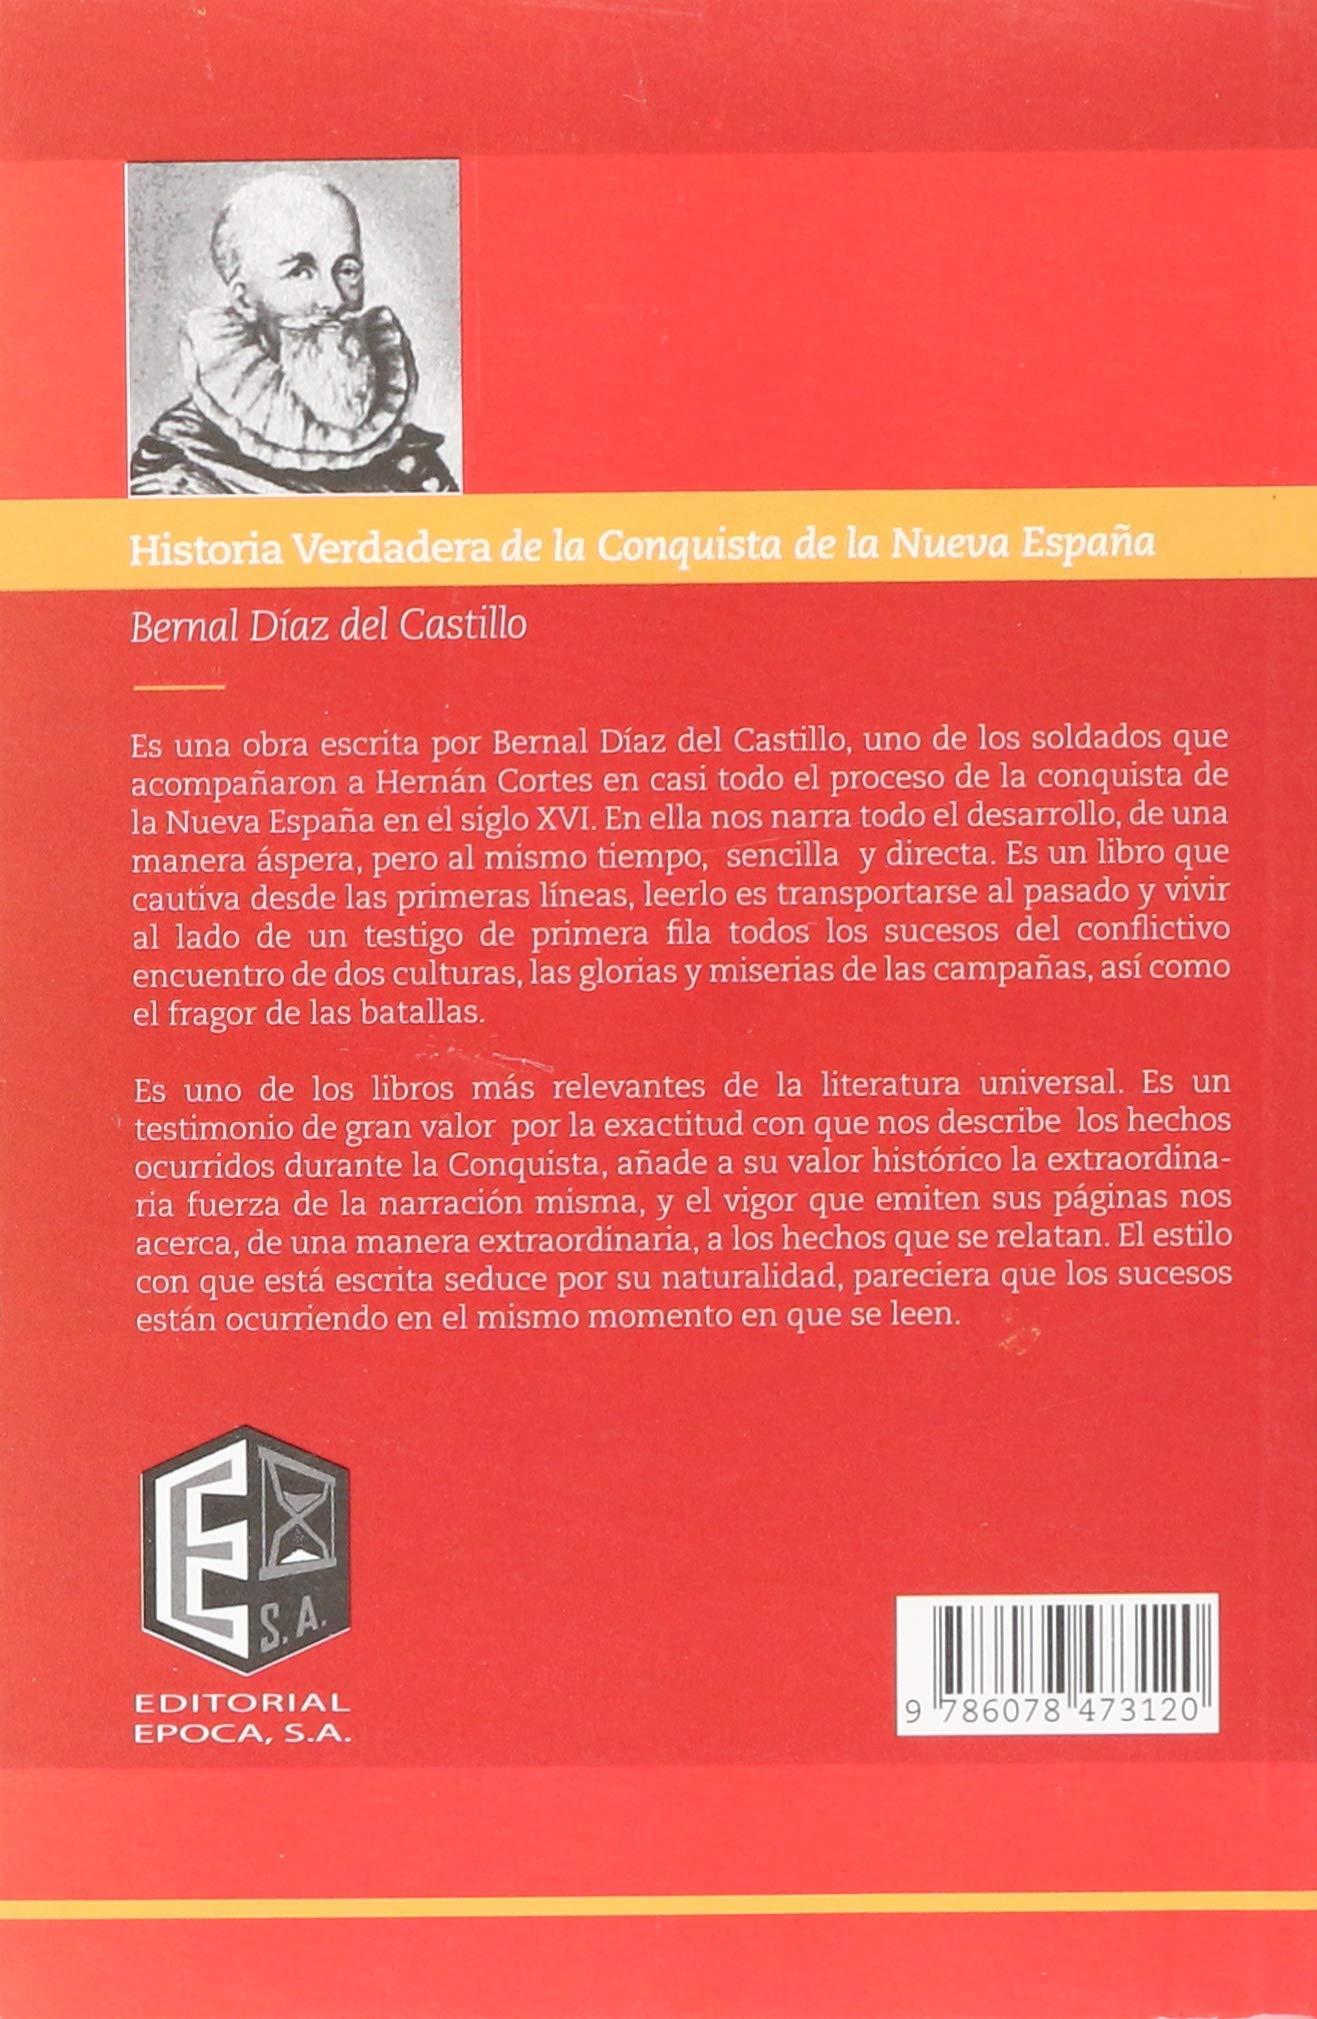 SPA-HISTORIA VERDAERA DE LA CO: Amazon.es: Del Castillo, Bernal Diaz: Libros